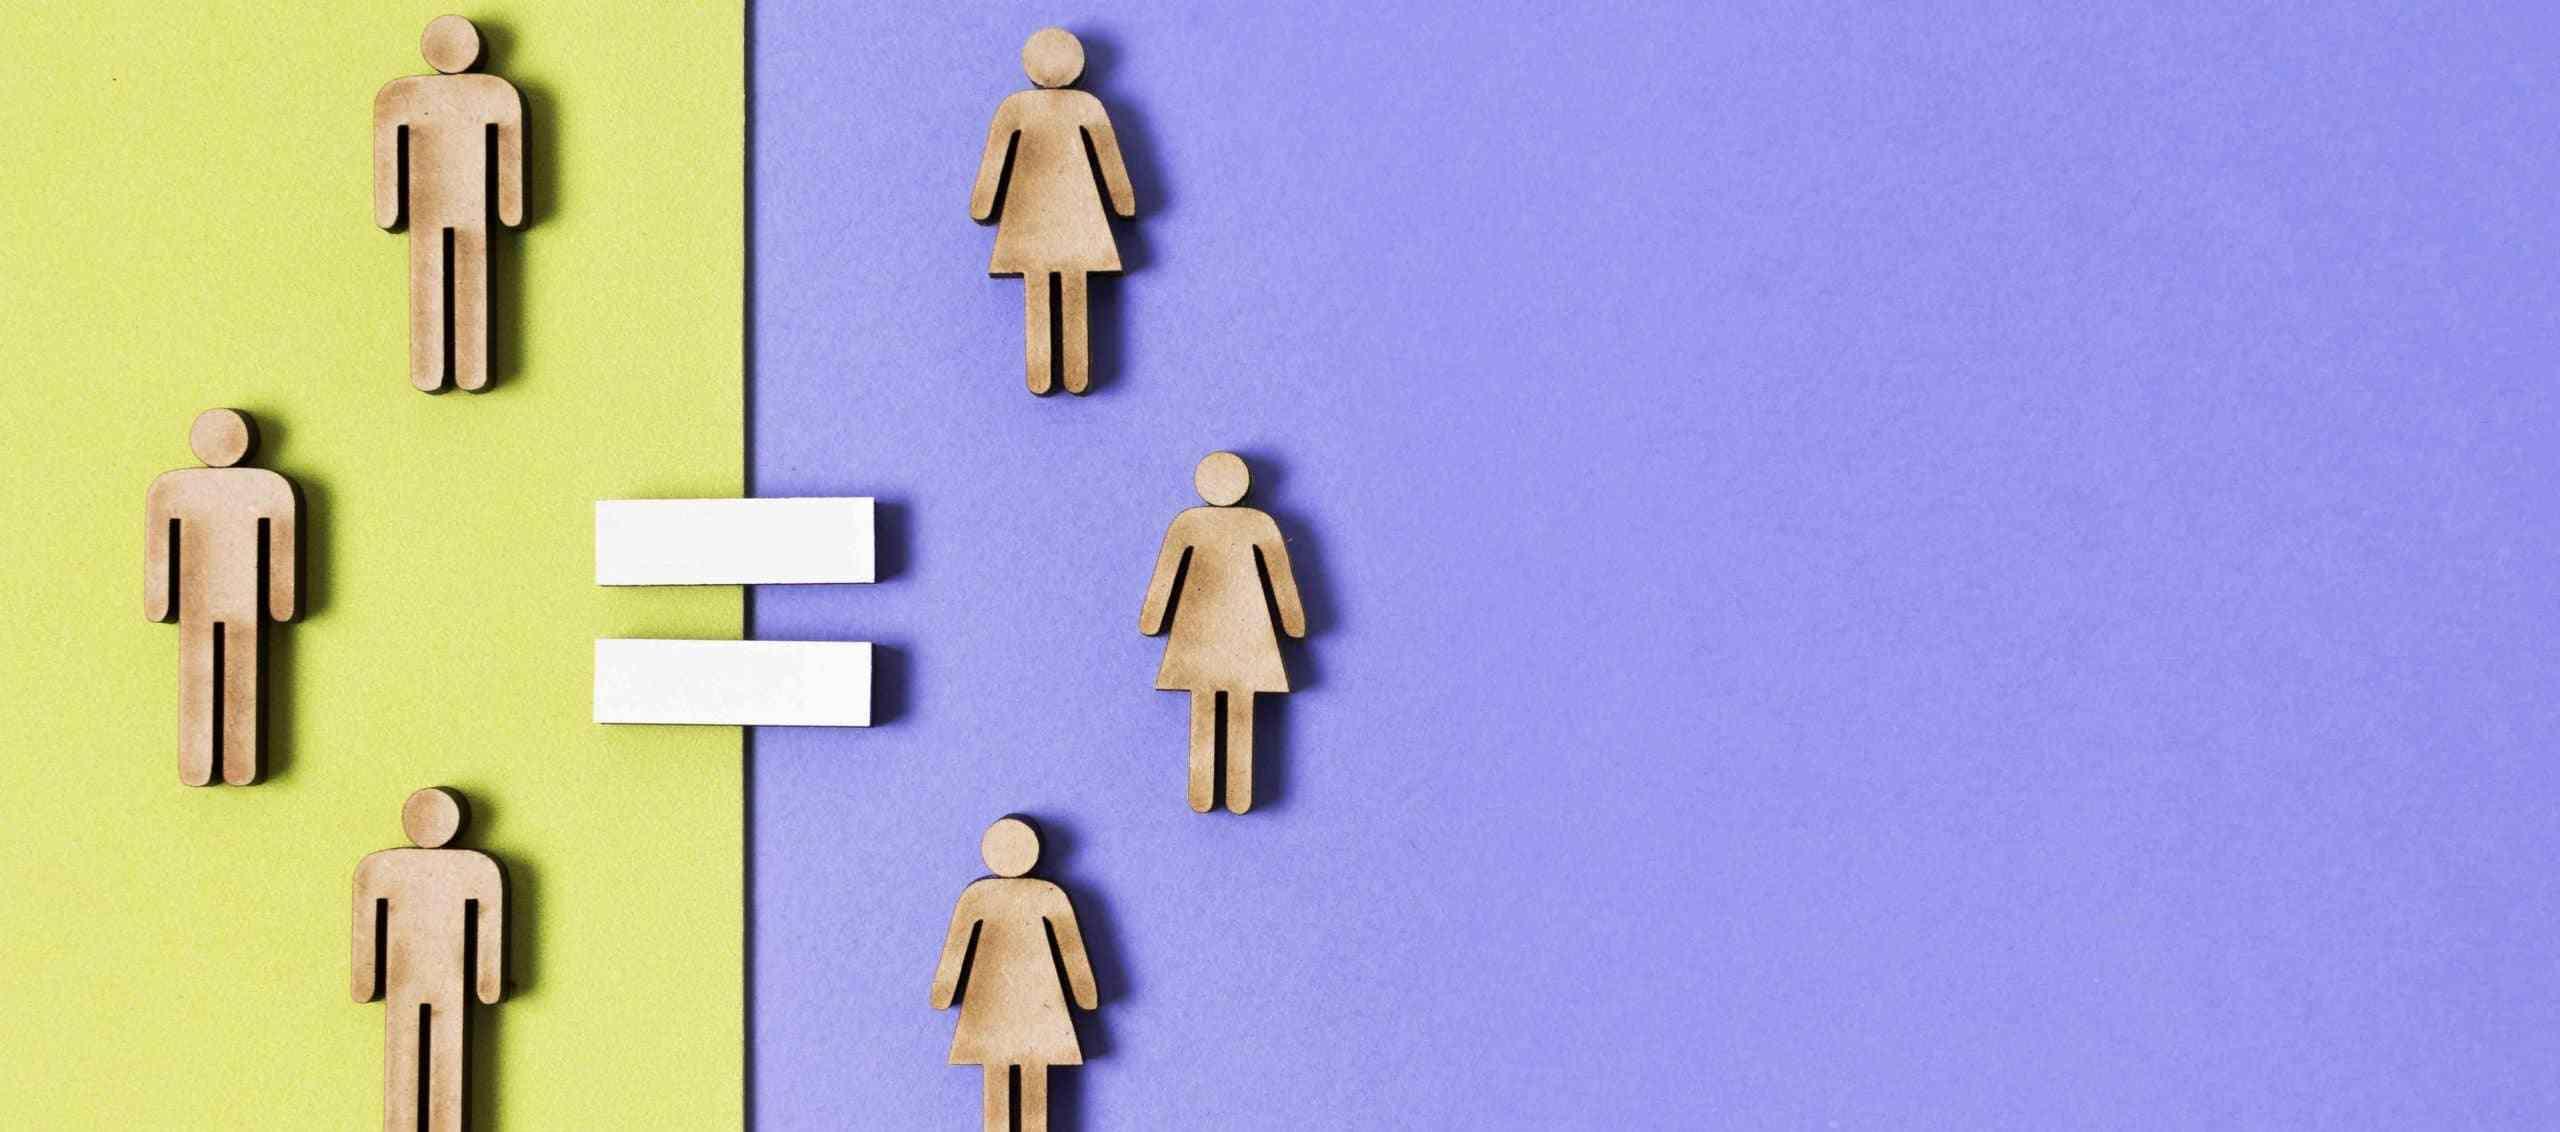 Curso de igualdad de genero y oportunidades